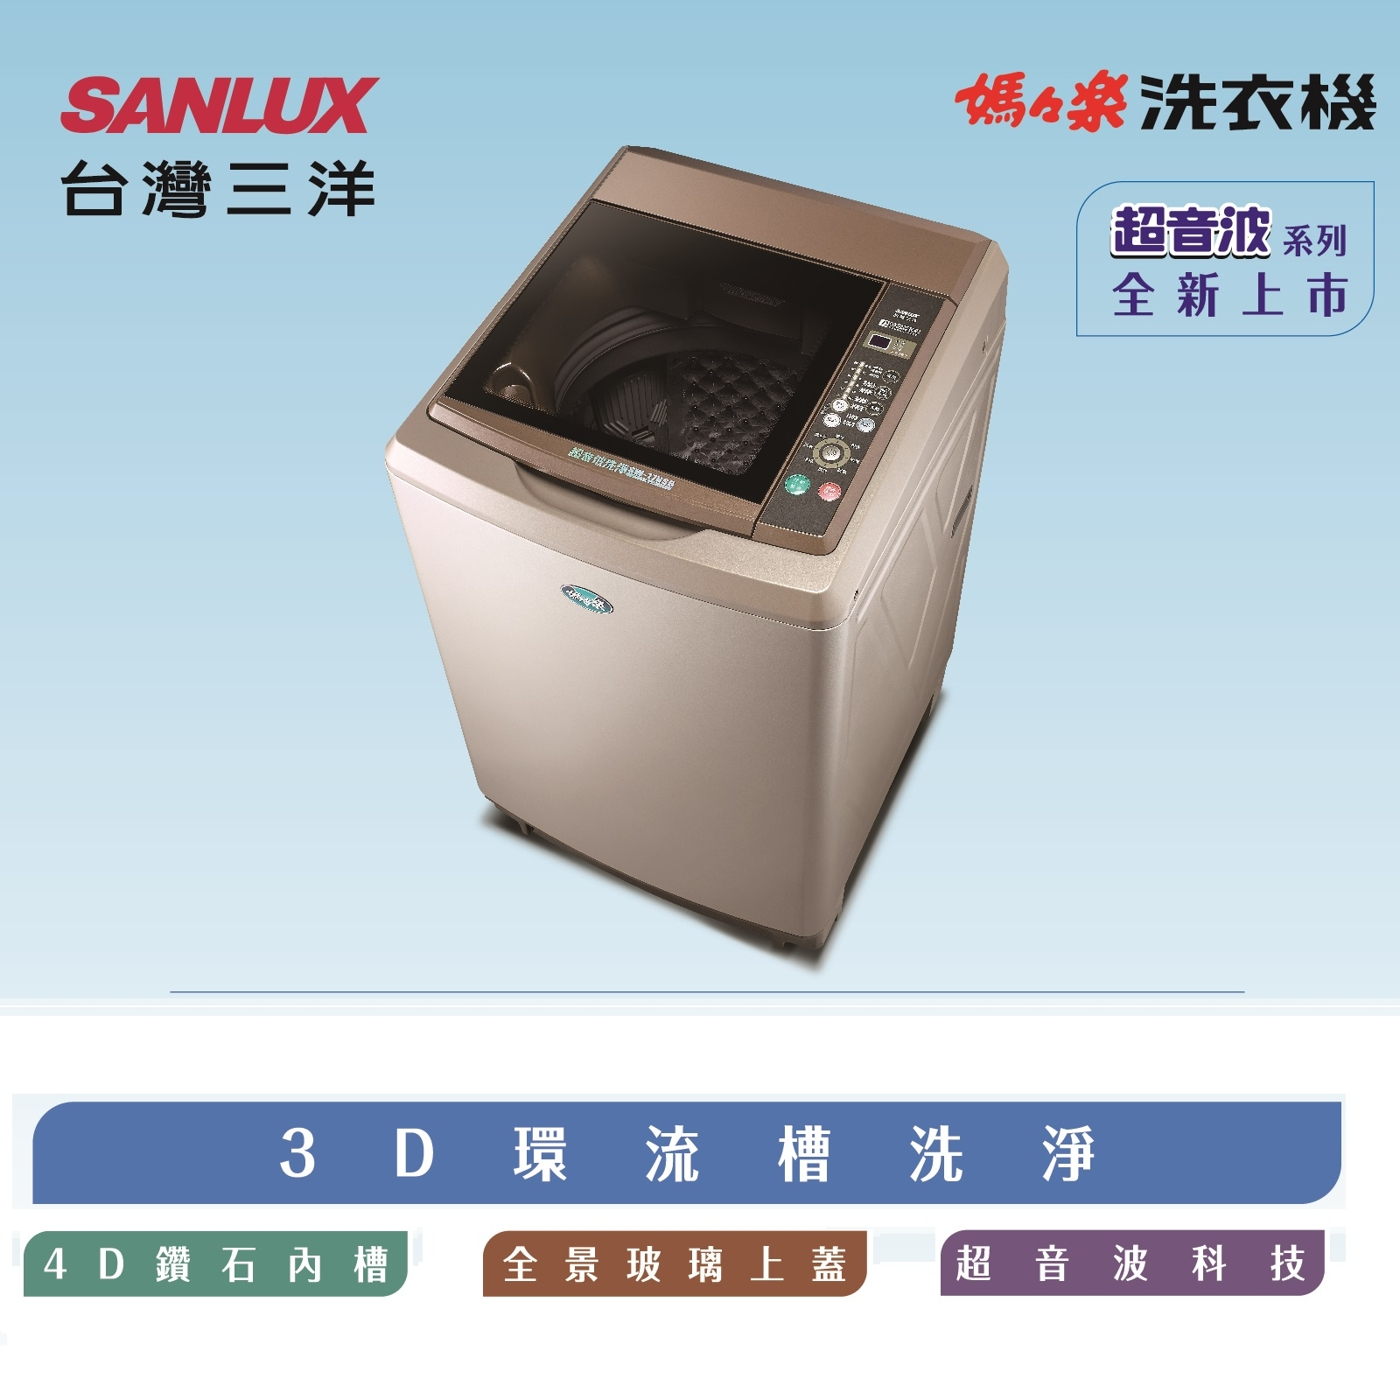 台灣三洋 SANLUX  媽媽樂 17Kg超音波洗衣機 SW-17NS6